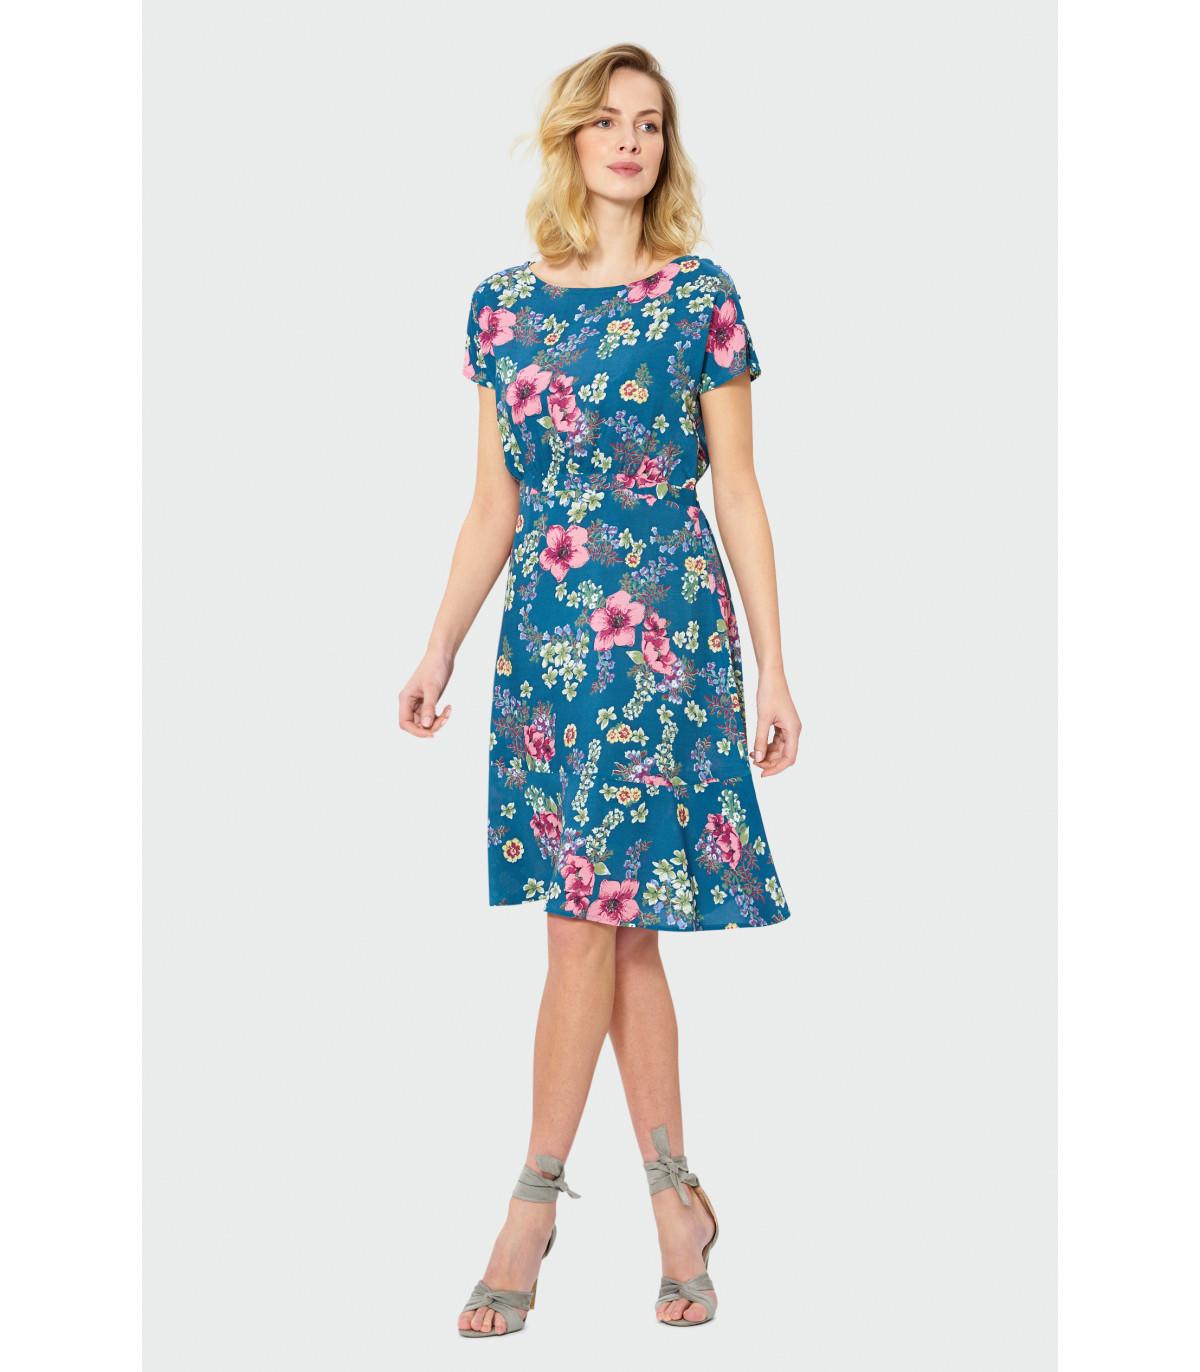 43b7638bb1 Sukienka w kwiaty Rozmiar 36 Kolor S19FLW63